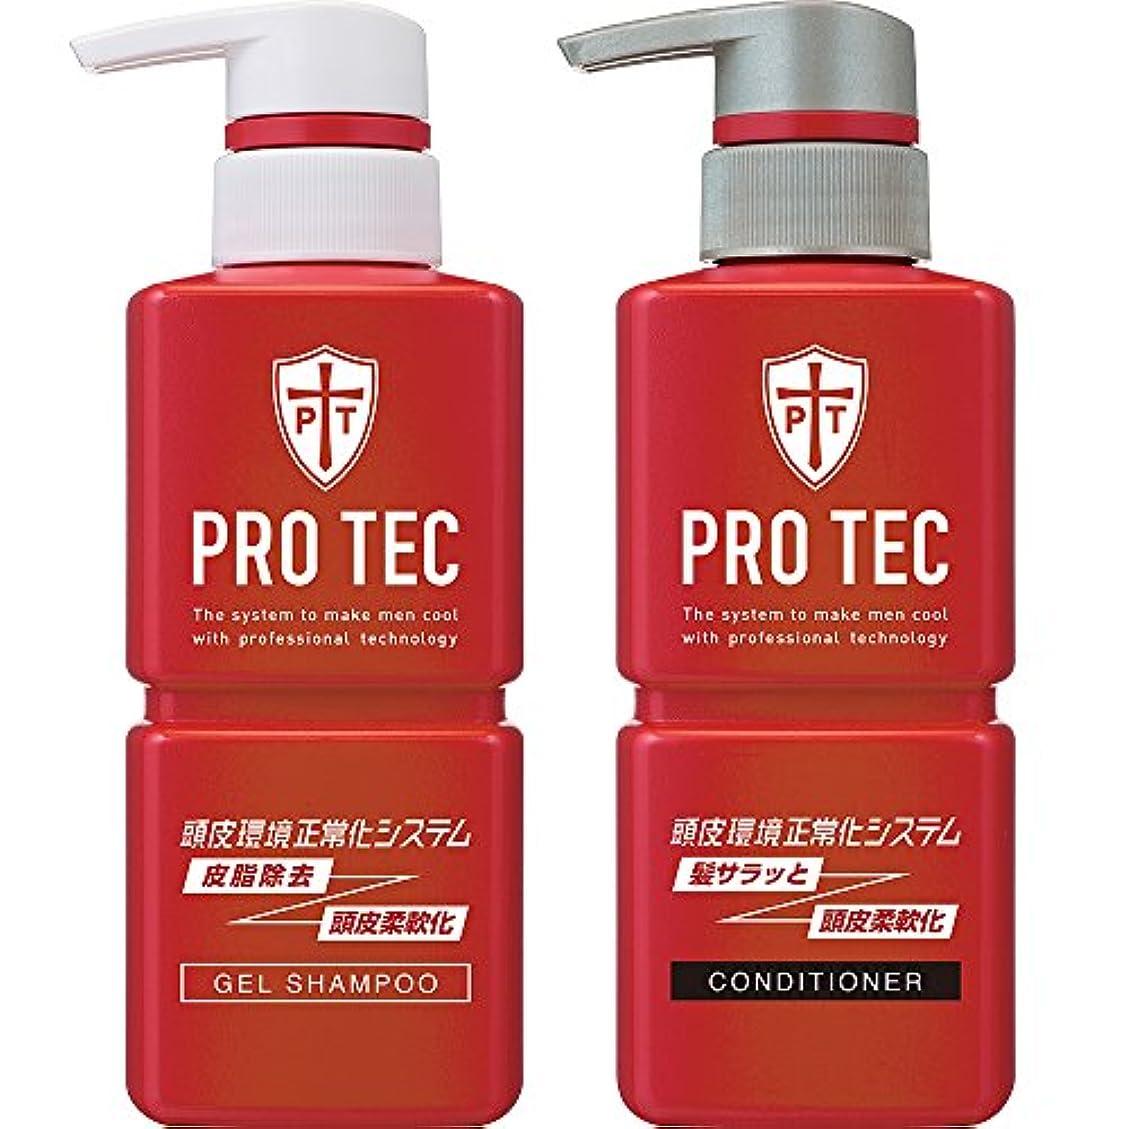 ポケット合体どっちでもPRO TEC(プロテク) 頭皮ストレッチ シャンプー ポンプ 300g(医薬部外品)+ コンディショナー ポンプ 300g